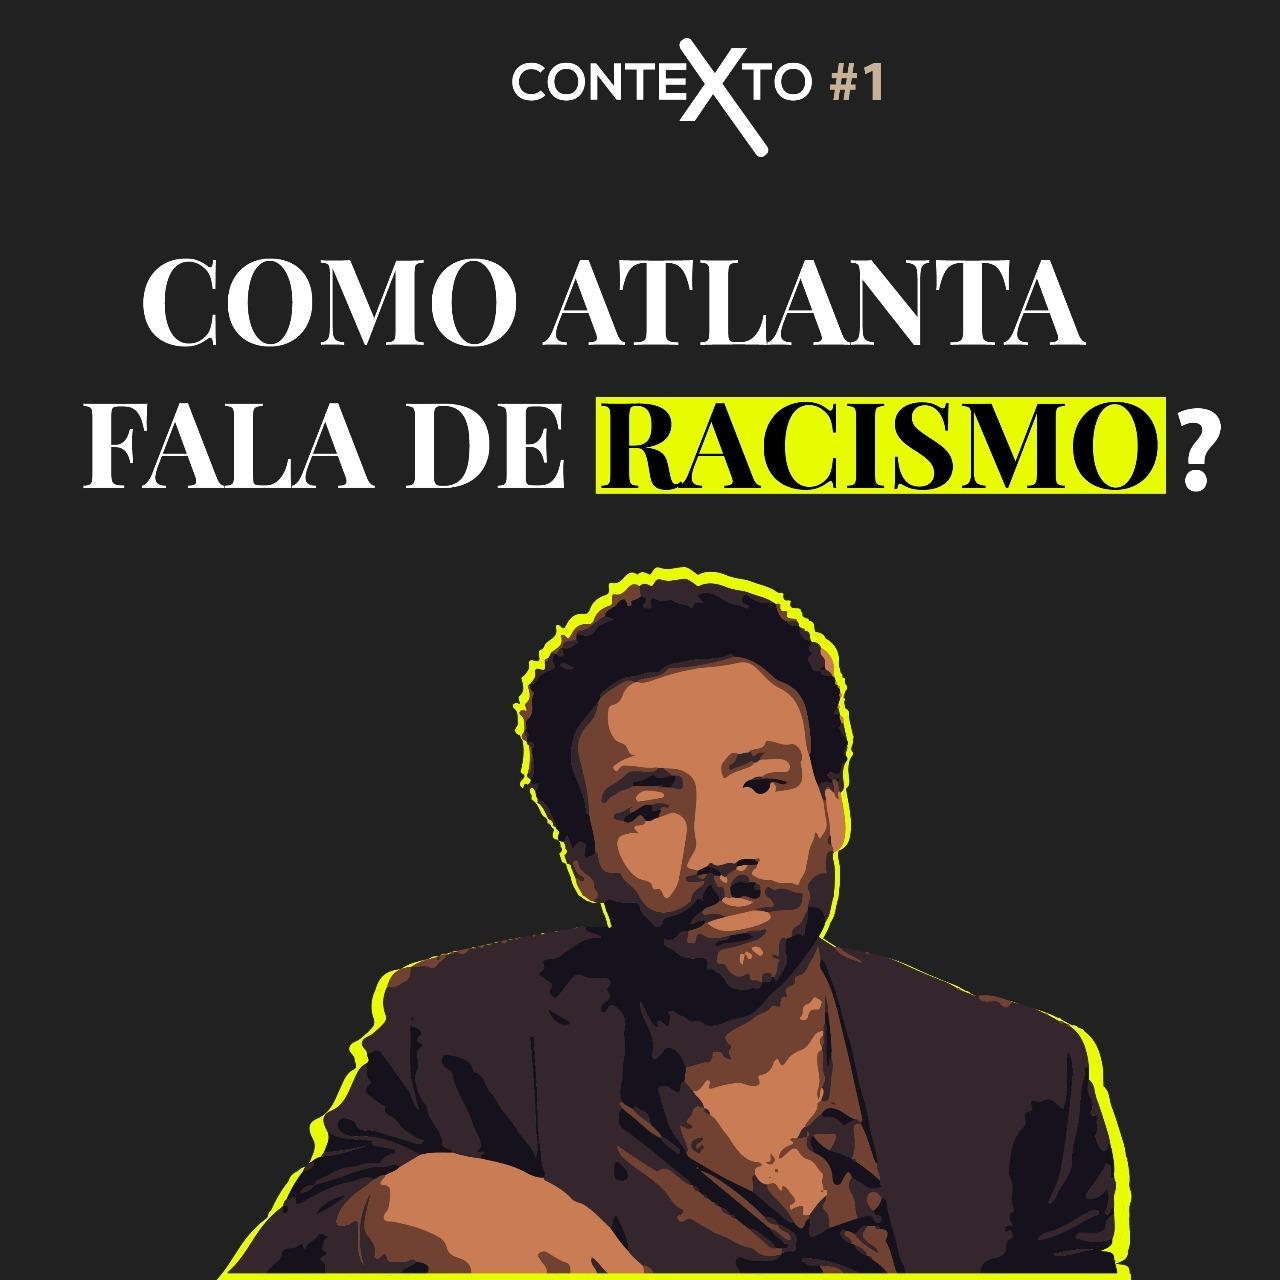 Contexto #1 – Atlanta e o racismo